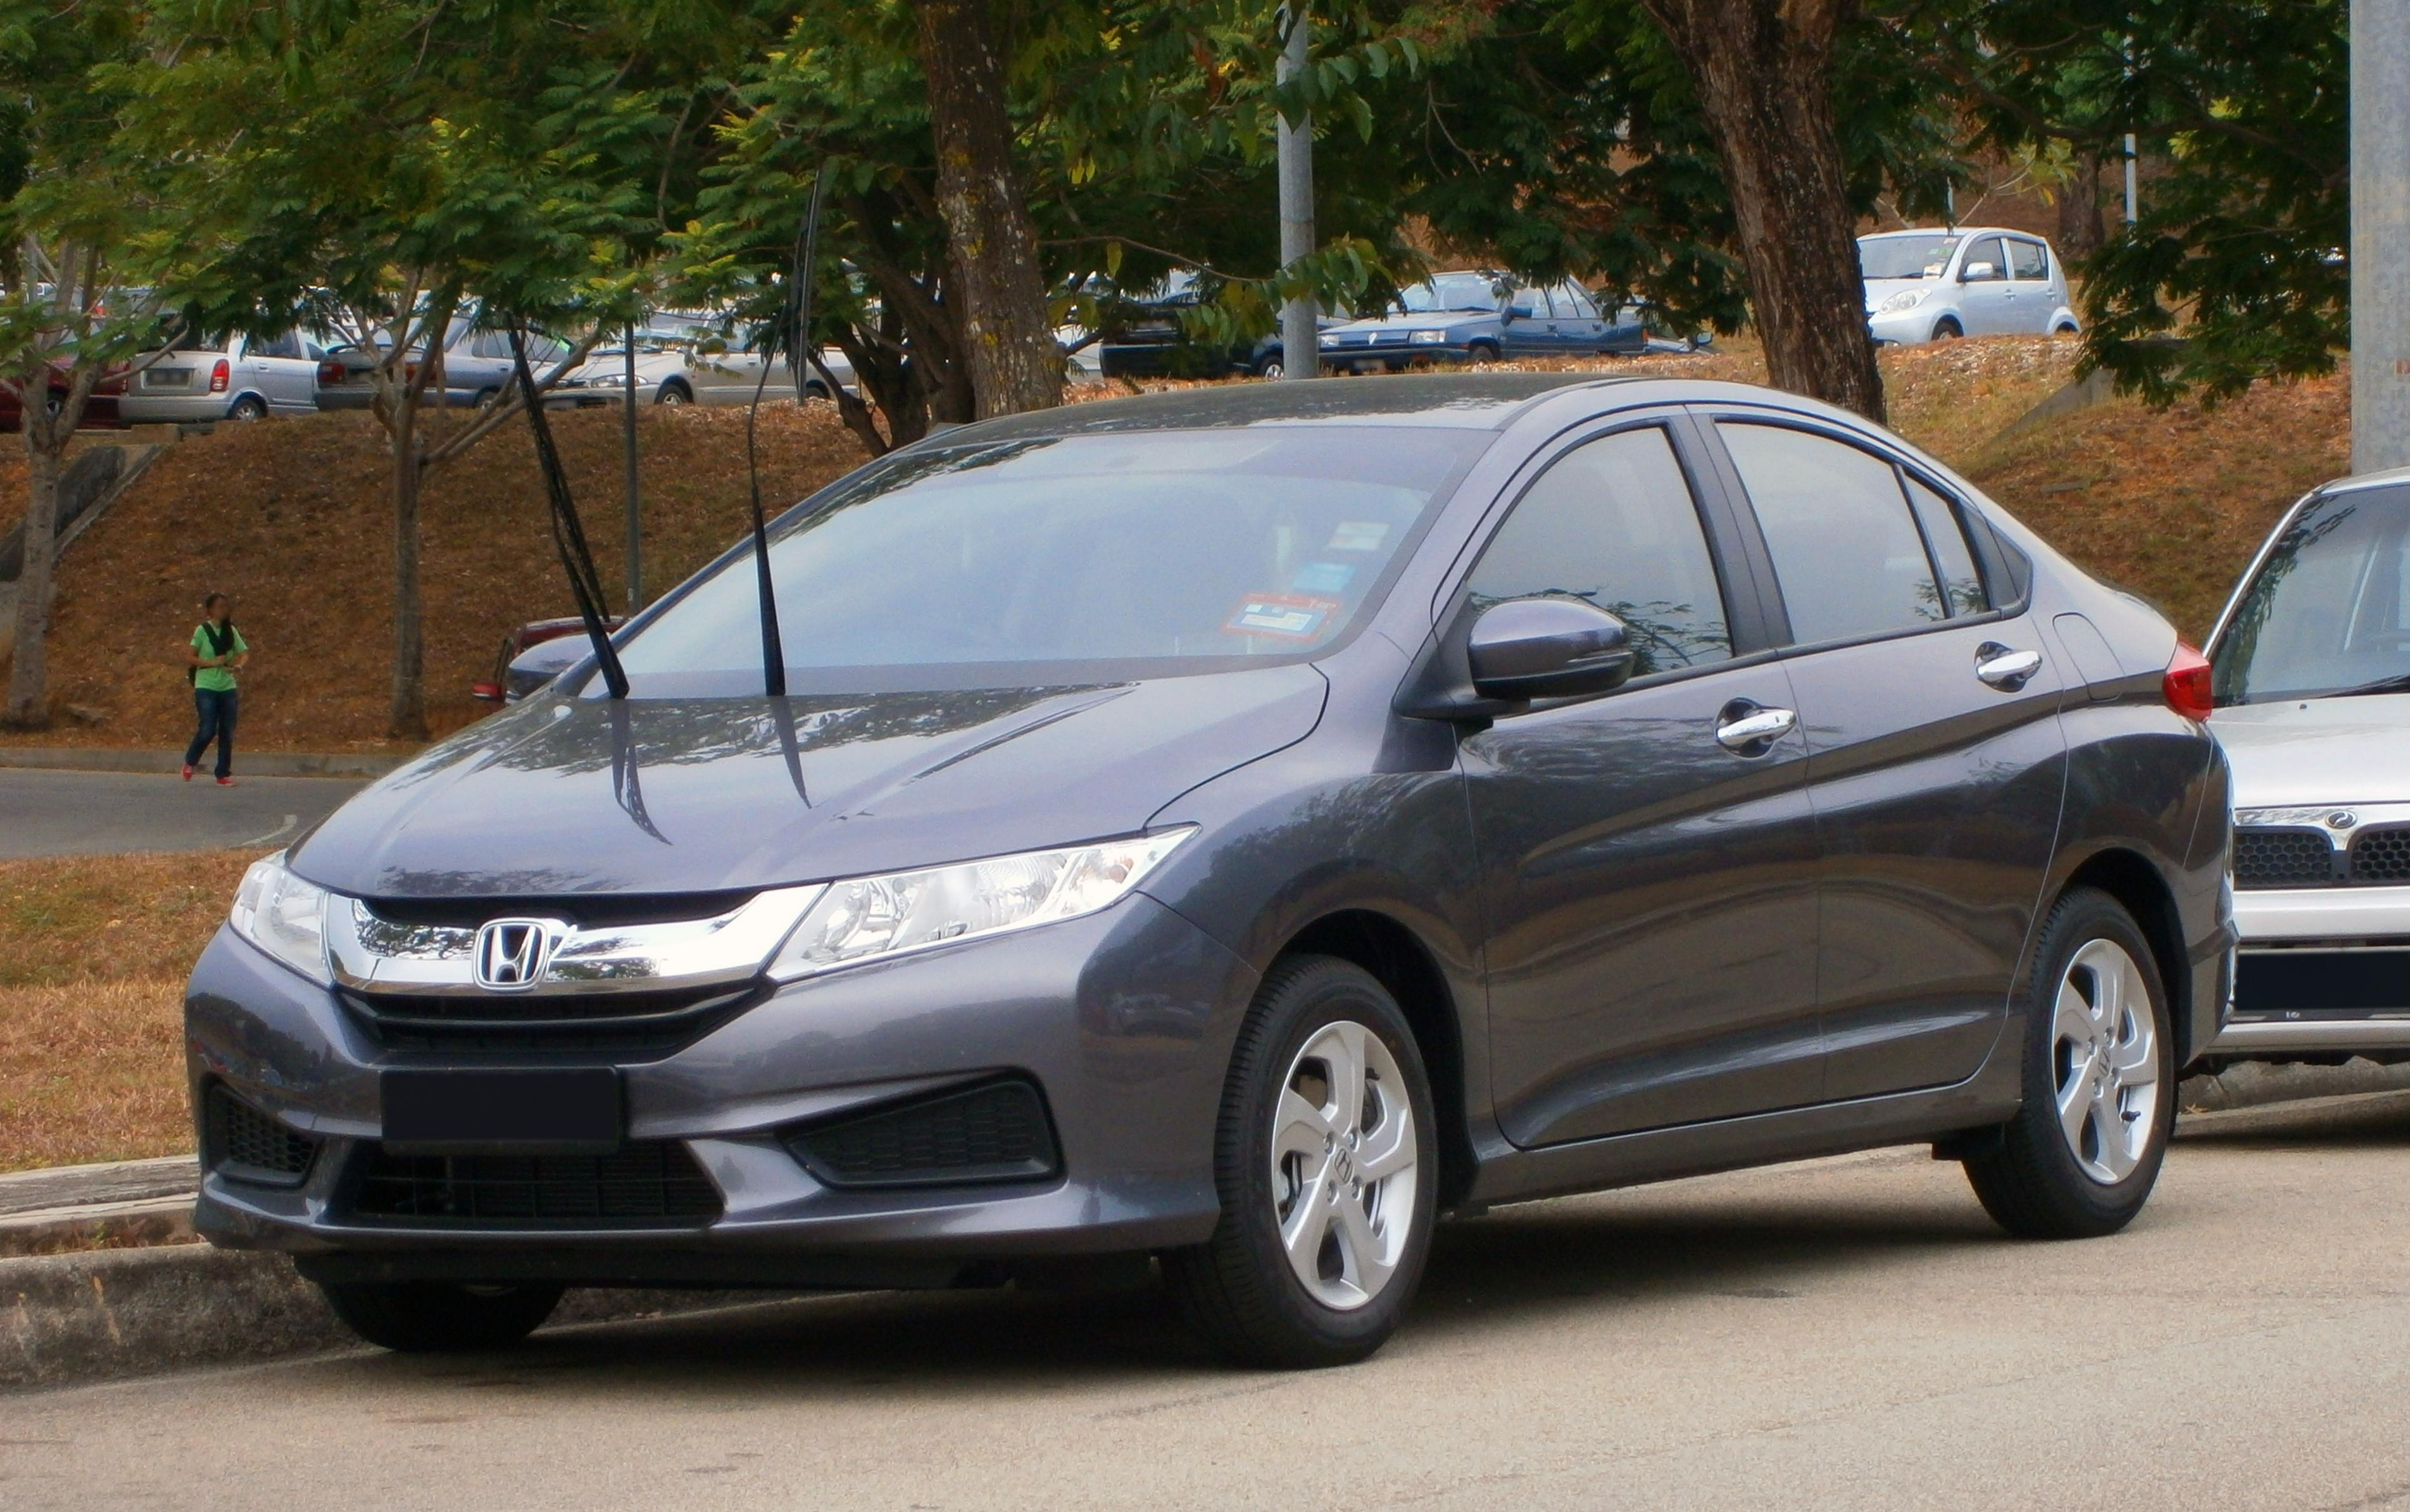 Хонда сити 2014 фото